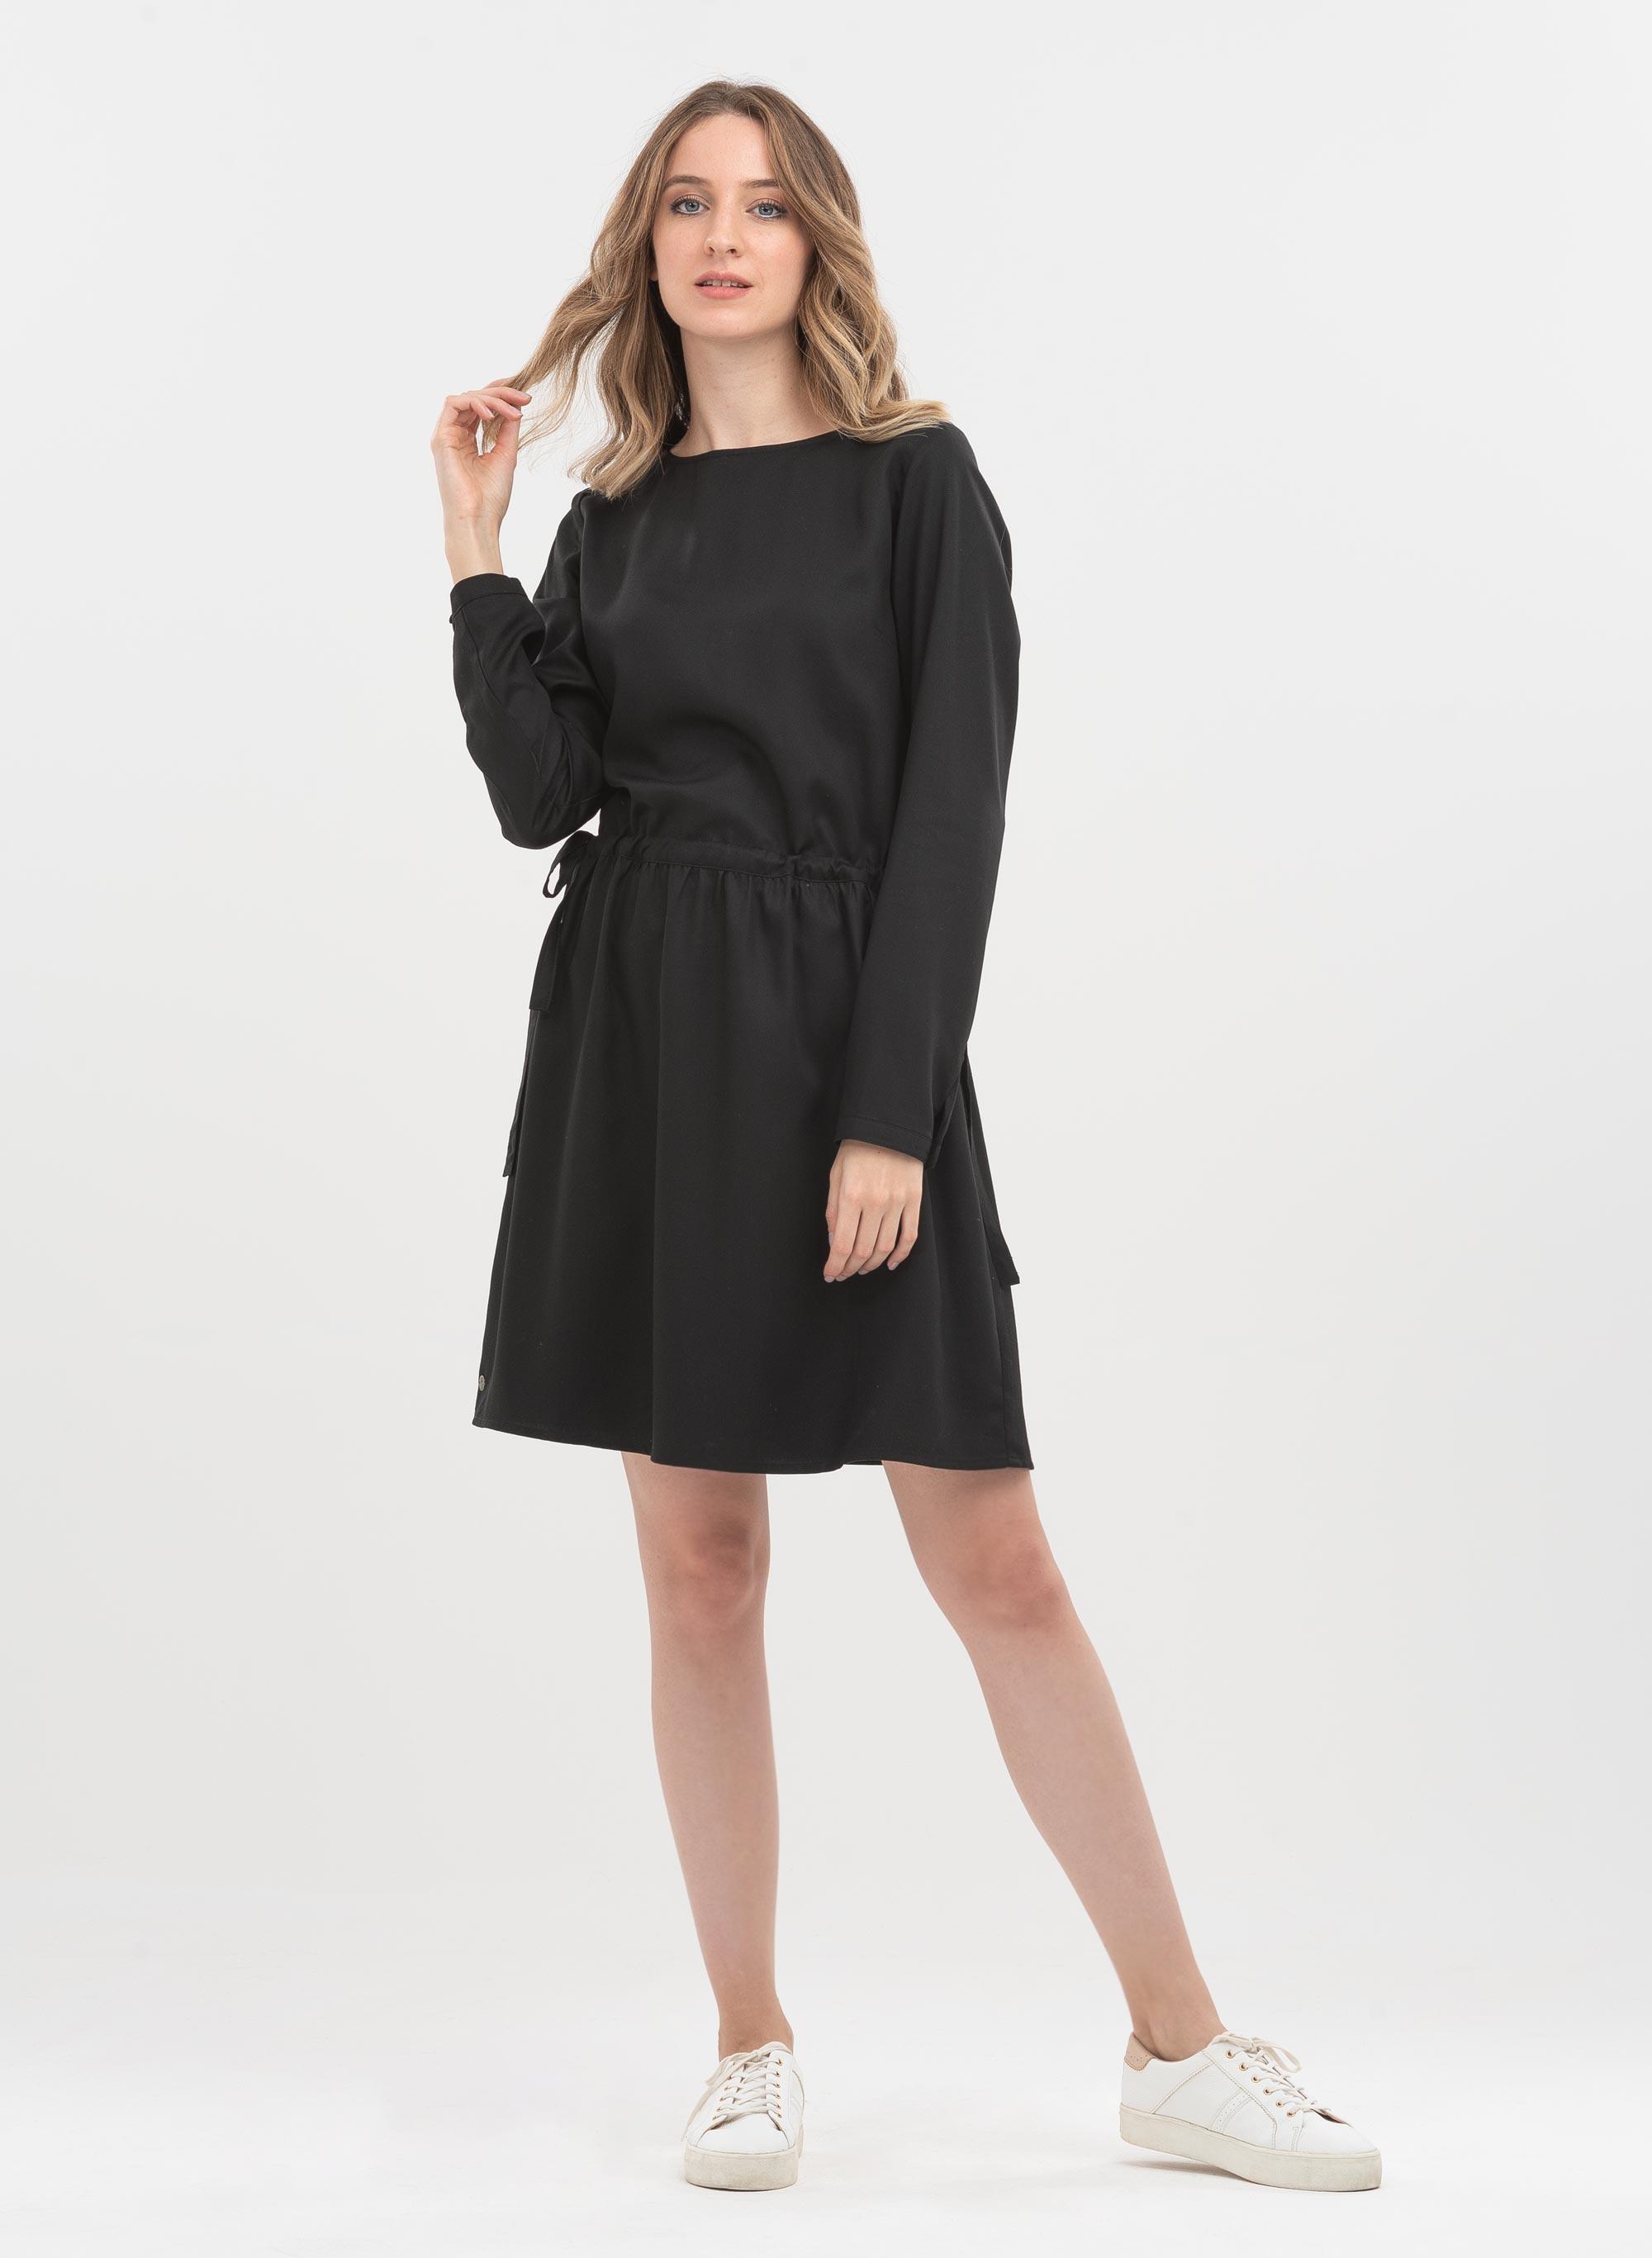 Schwarzes Kleid aus nachhaltigem Tencel | langarm ...